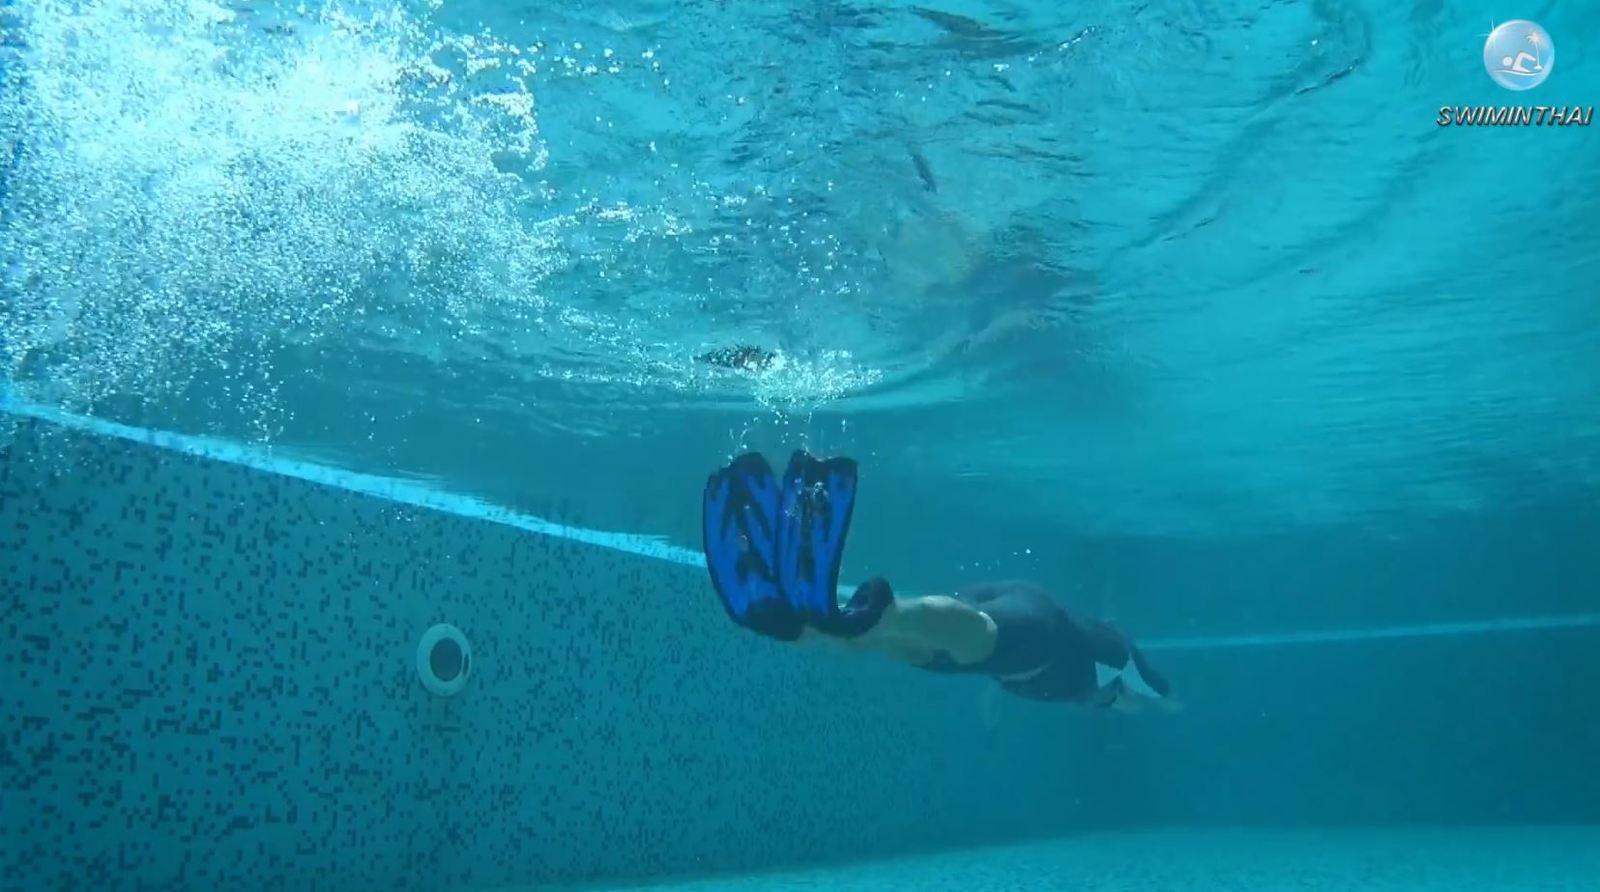 vse-video-devushki-plavanie-pod-vodoy-chto-delayut-golie-devki